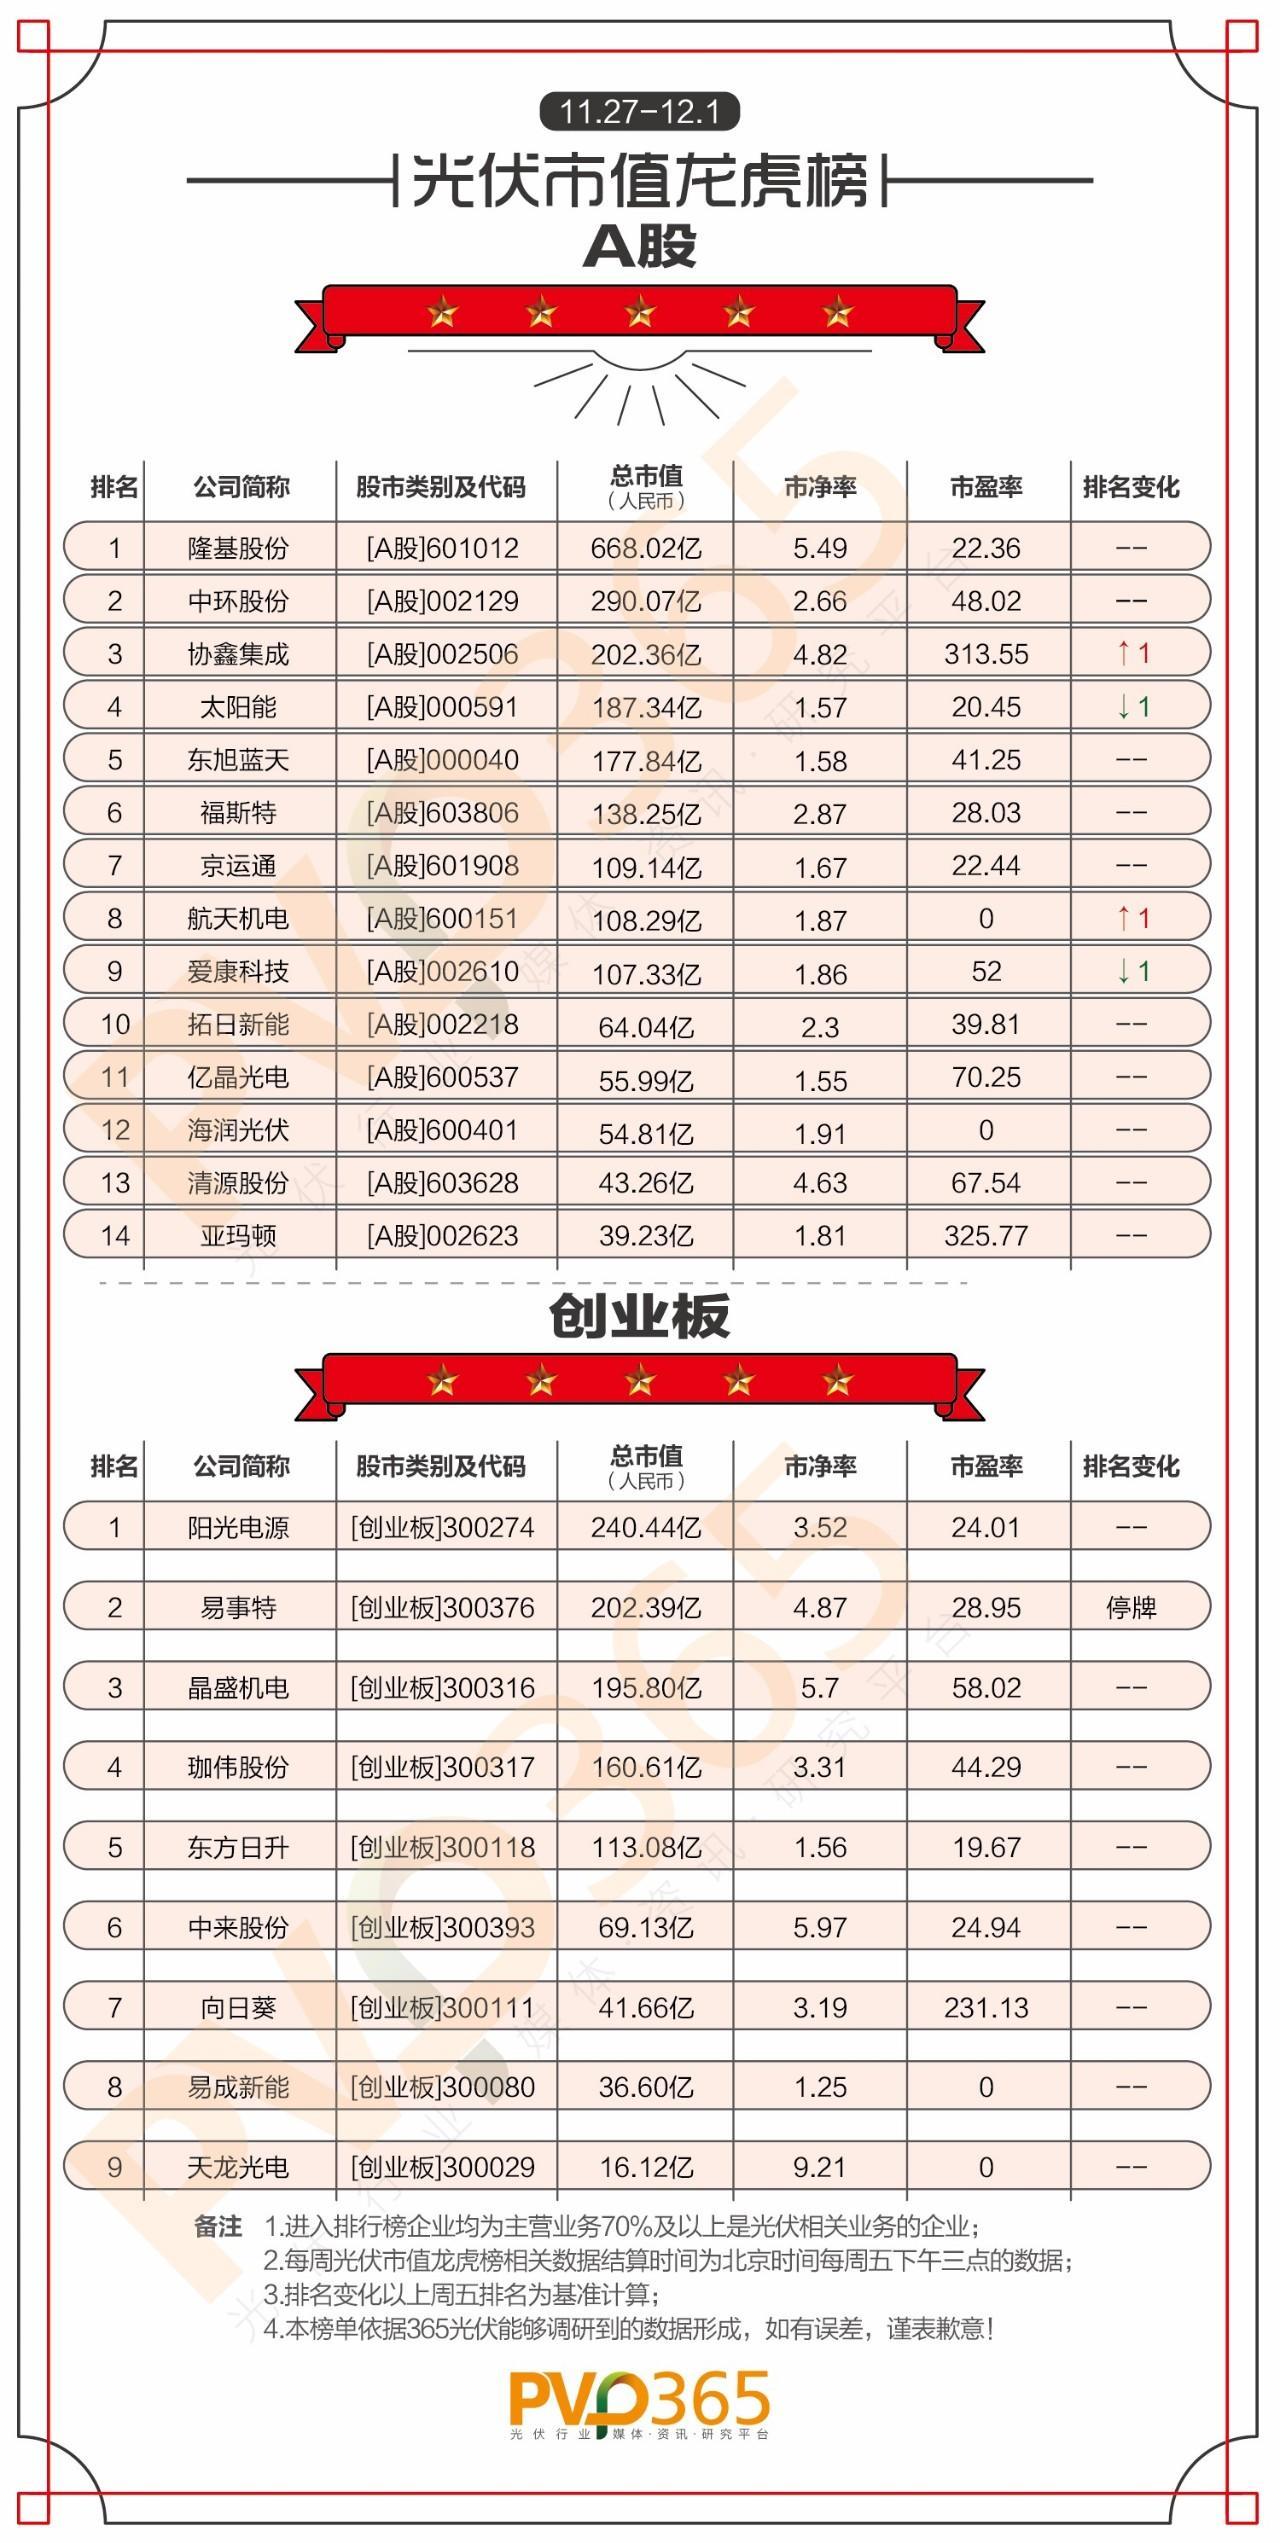 重磅 | (11.27-12.01)每周光伏企业股价、市值龙虎榜